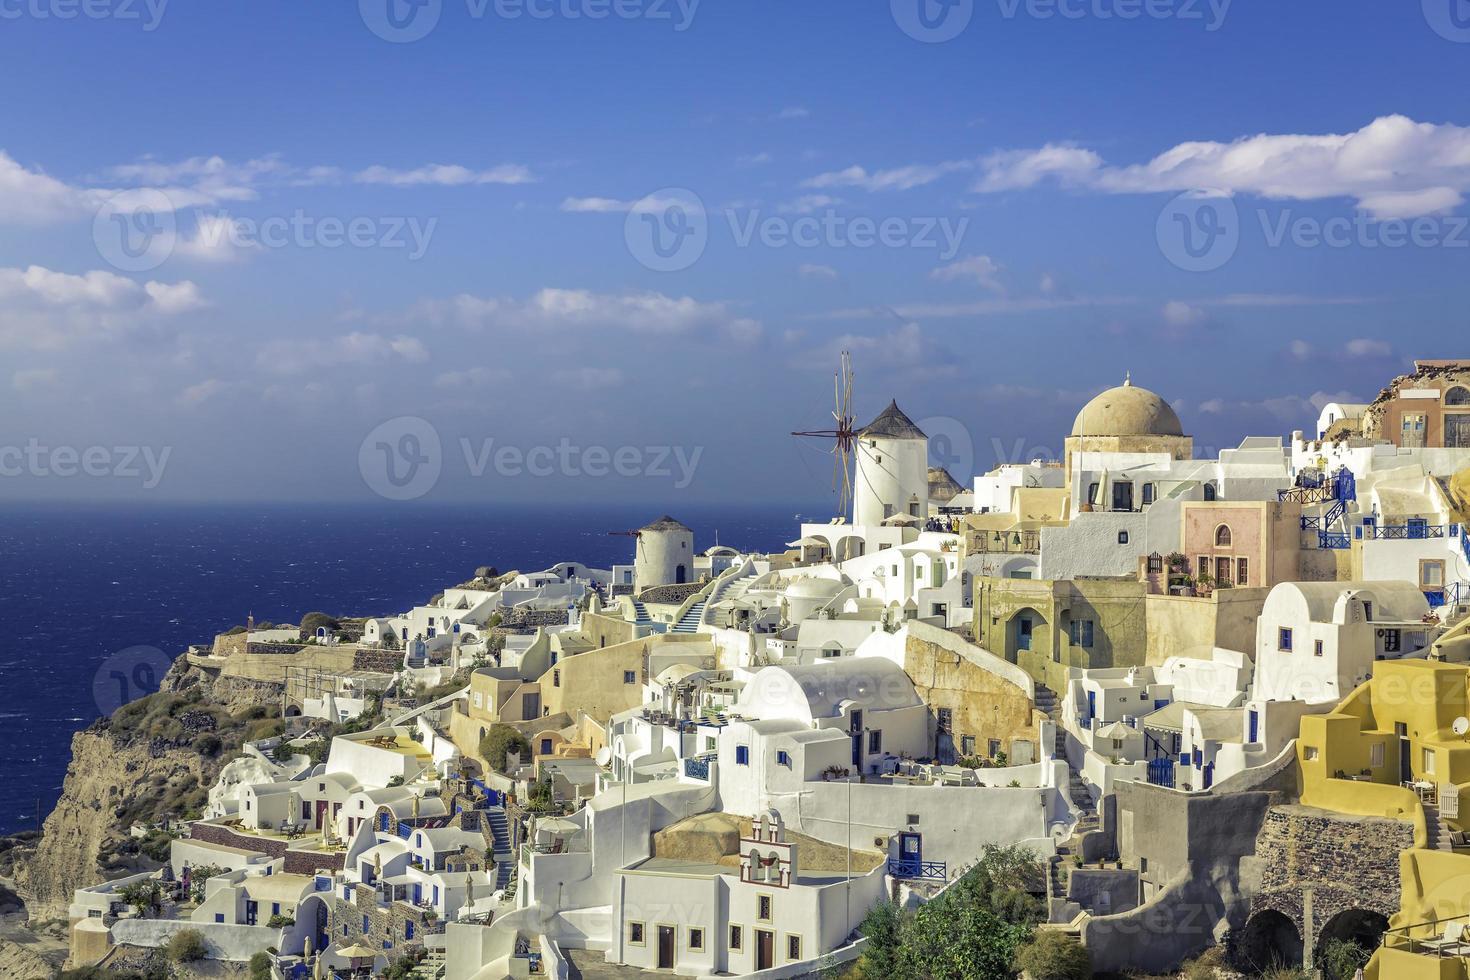 incroyable village d'Oia sur l'île de Santorin, Grèce photo